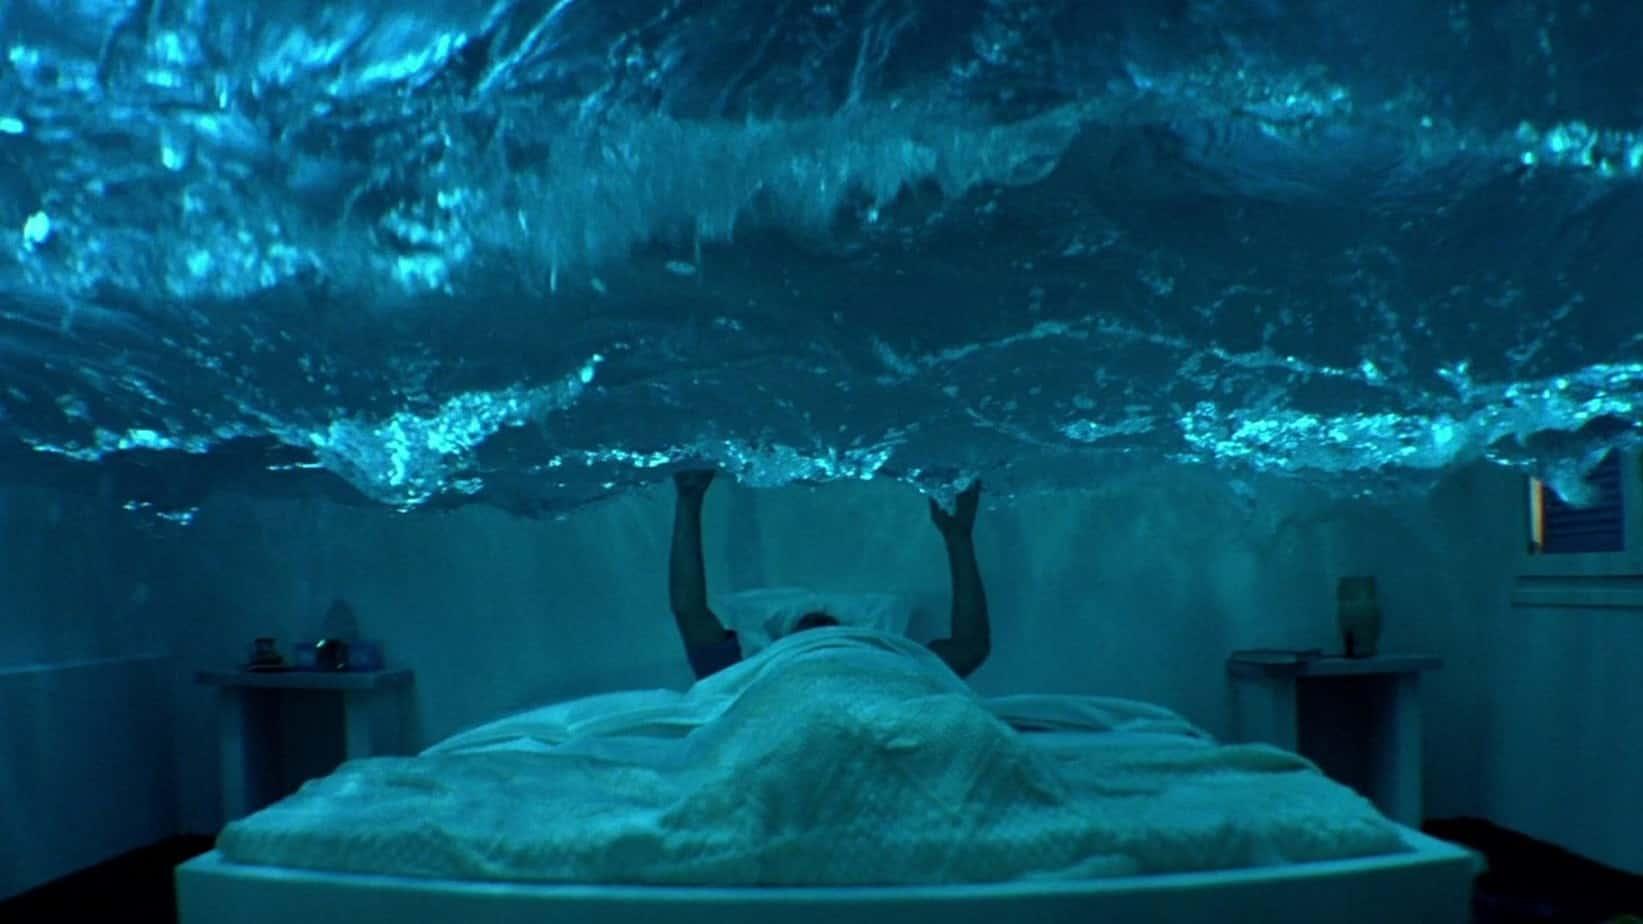 Klasyczny klasyk - pokaz filmu Wielki błękit